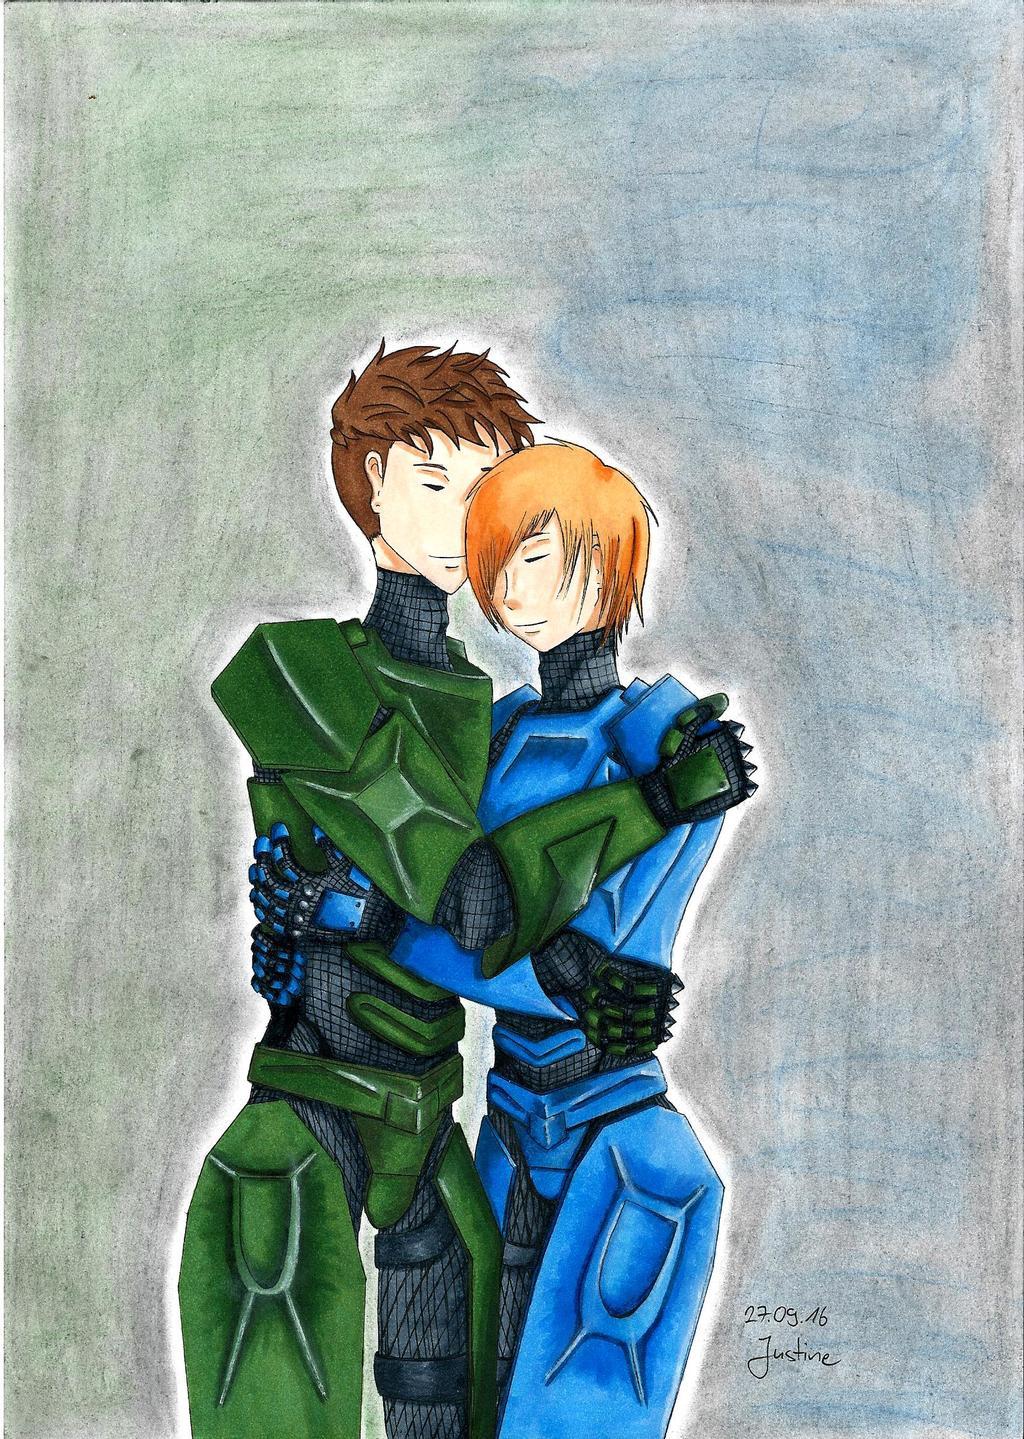 Most recent image: Liv and Lavernius